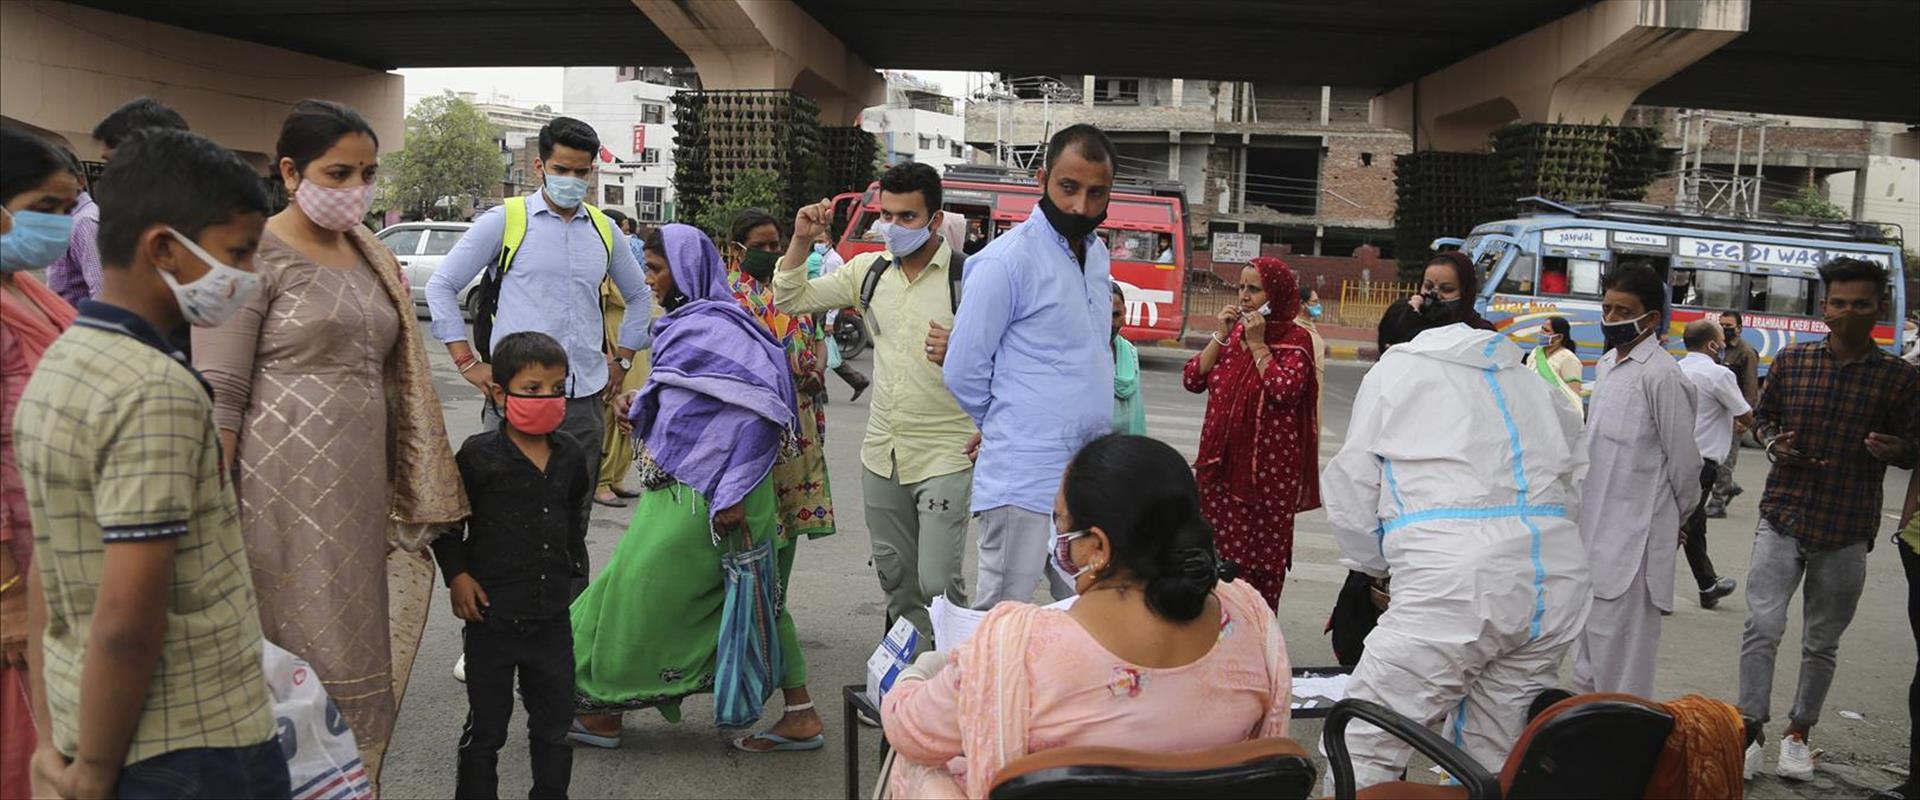 وباء الكورونا في الهند